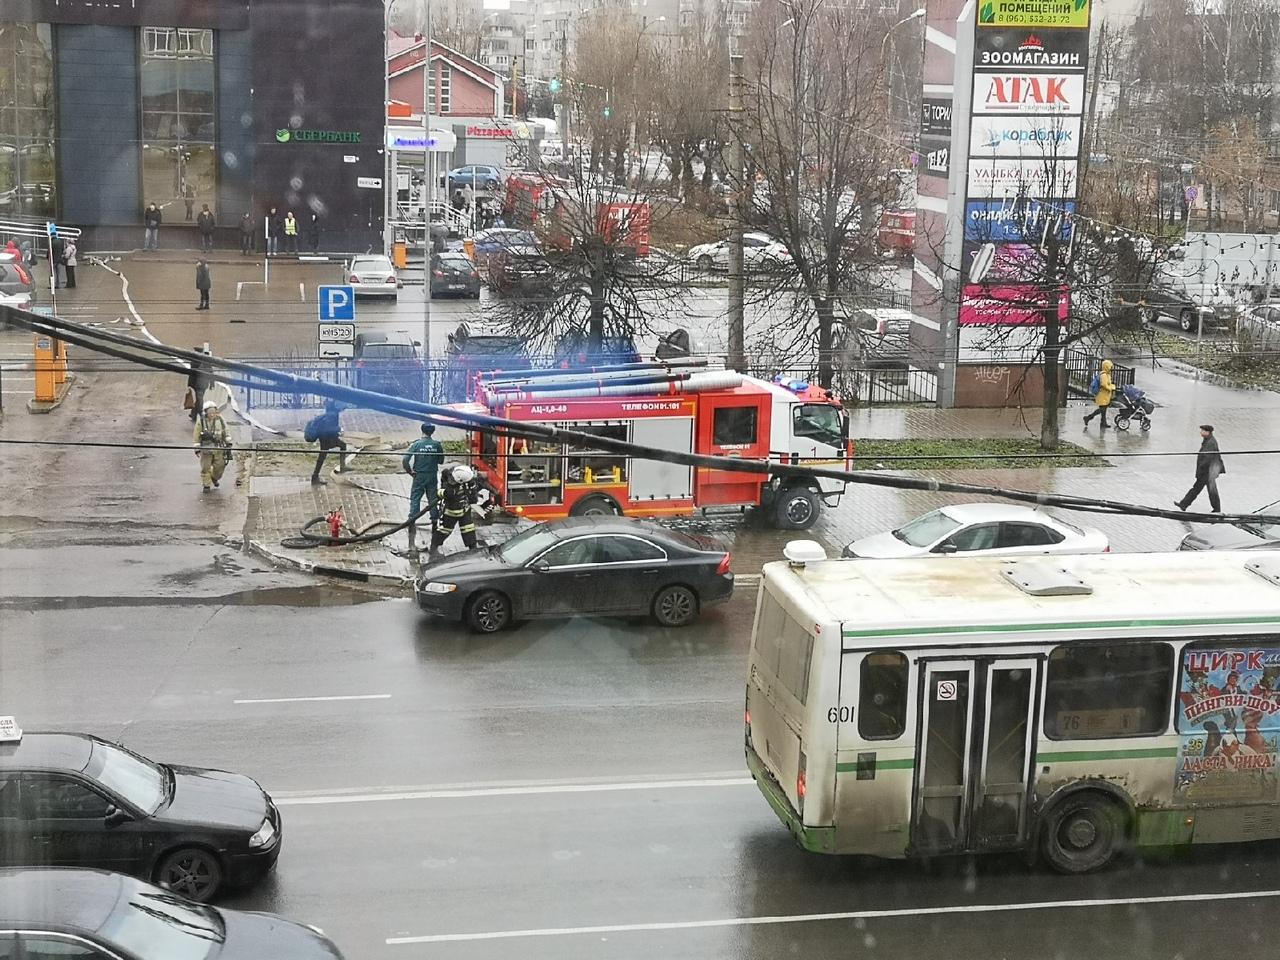 Вой сирен и пожарные машины: в Ярославле эвакуировали посетителей из ТЦ